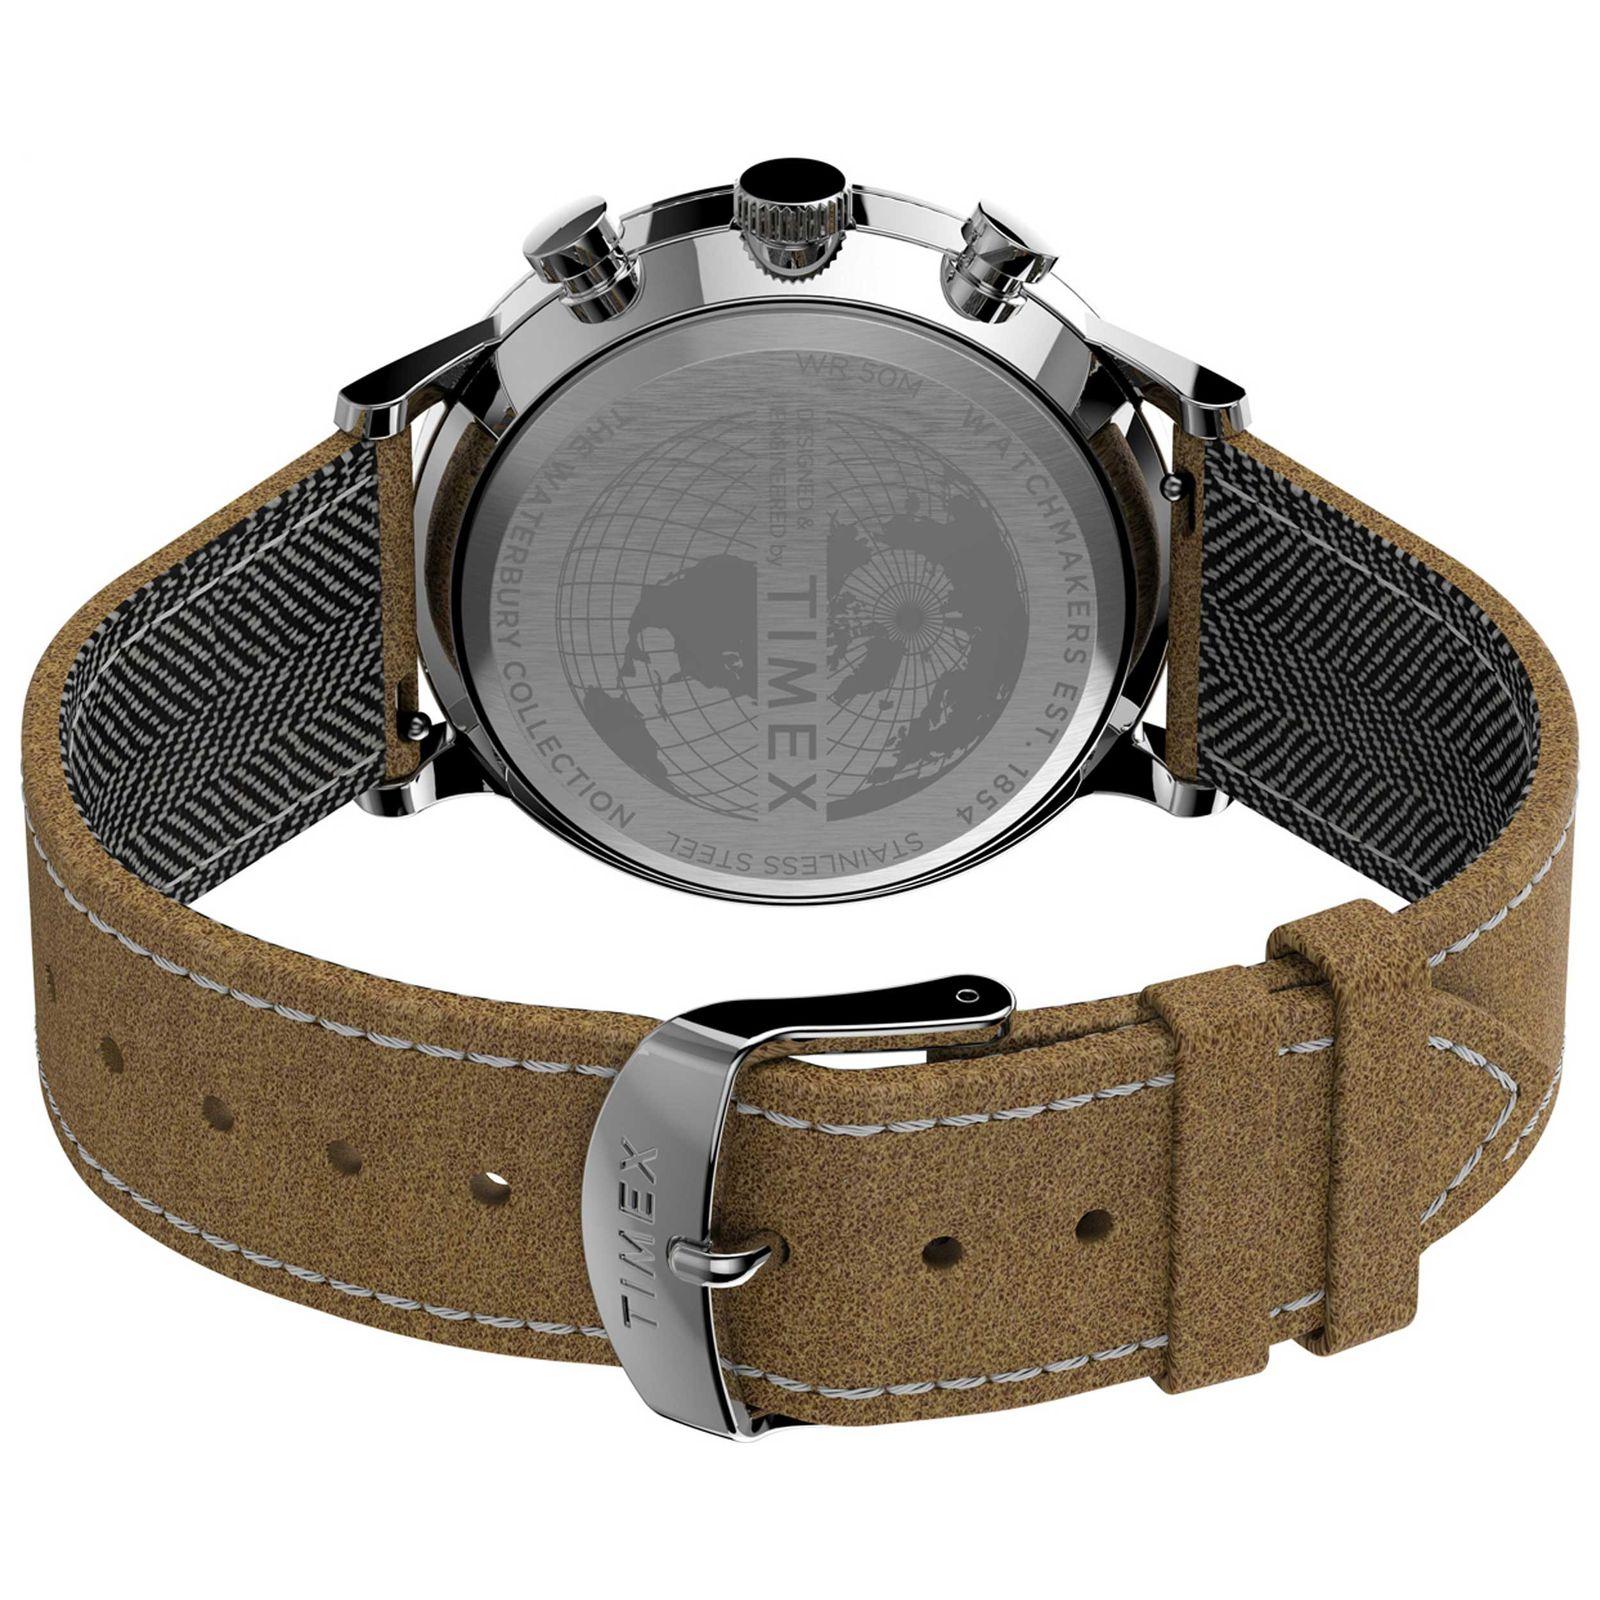 ساعت مچی عقربه ای مردانه تایمکس مدل TW2T71200 -  - 3